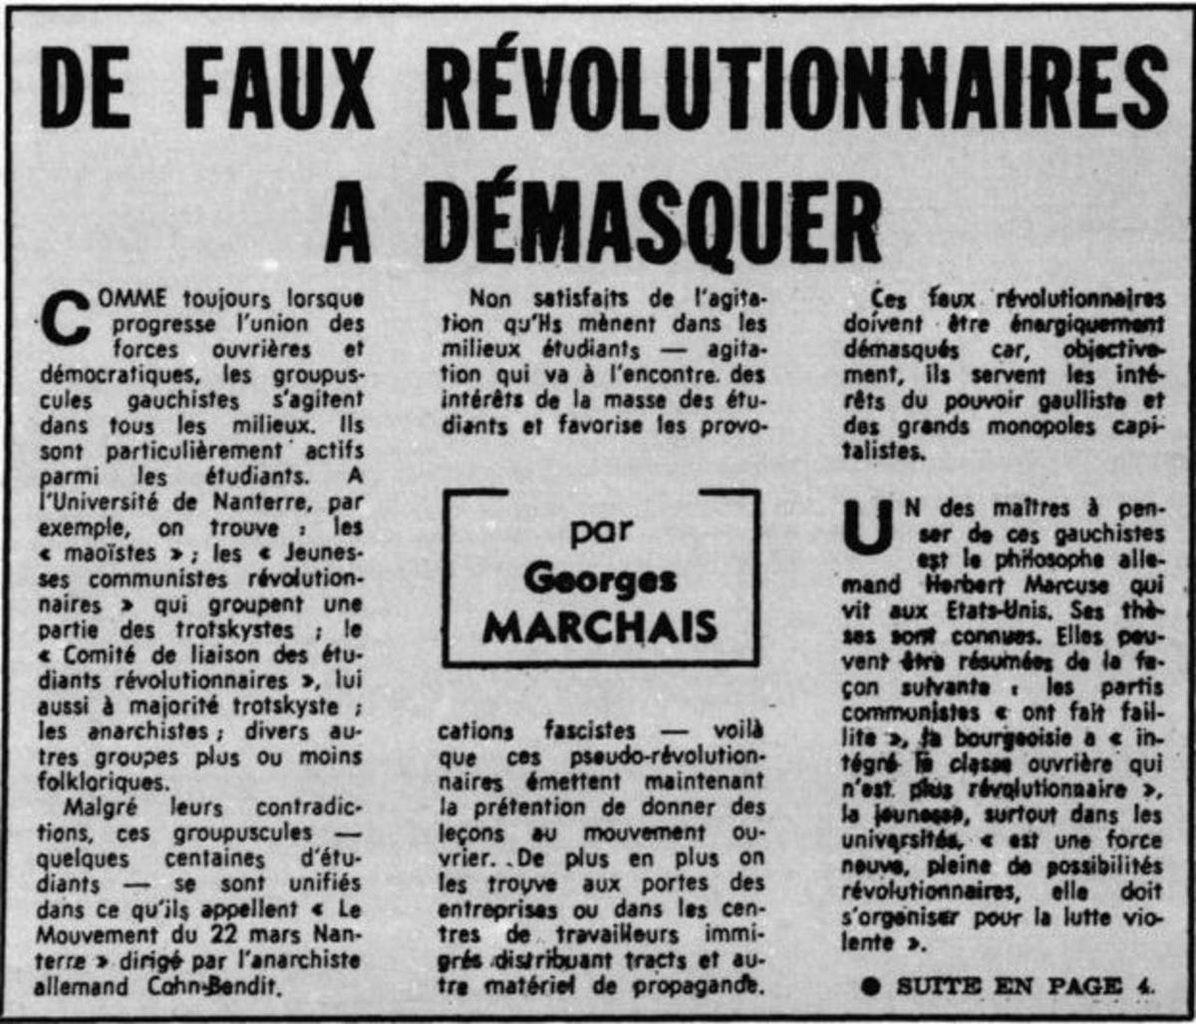 Une pièce historique non tronquée : MAI 68, la mise en garde de Georges MARCHAIS contre L'ANTICOMMUNISME